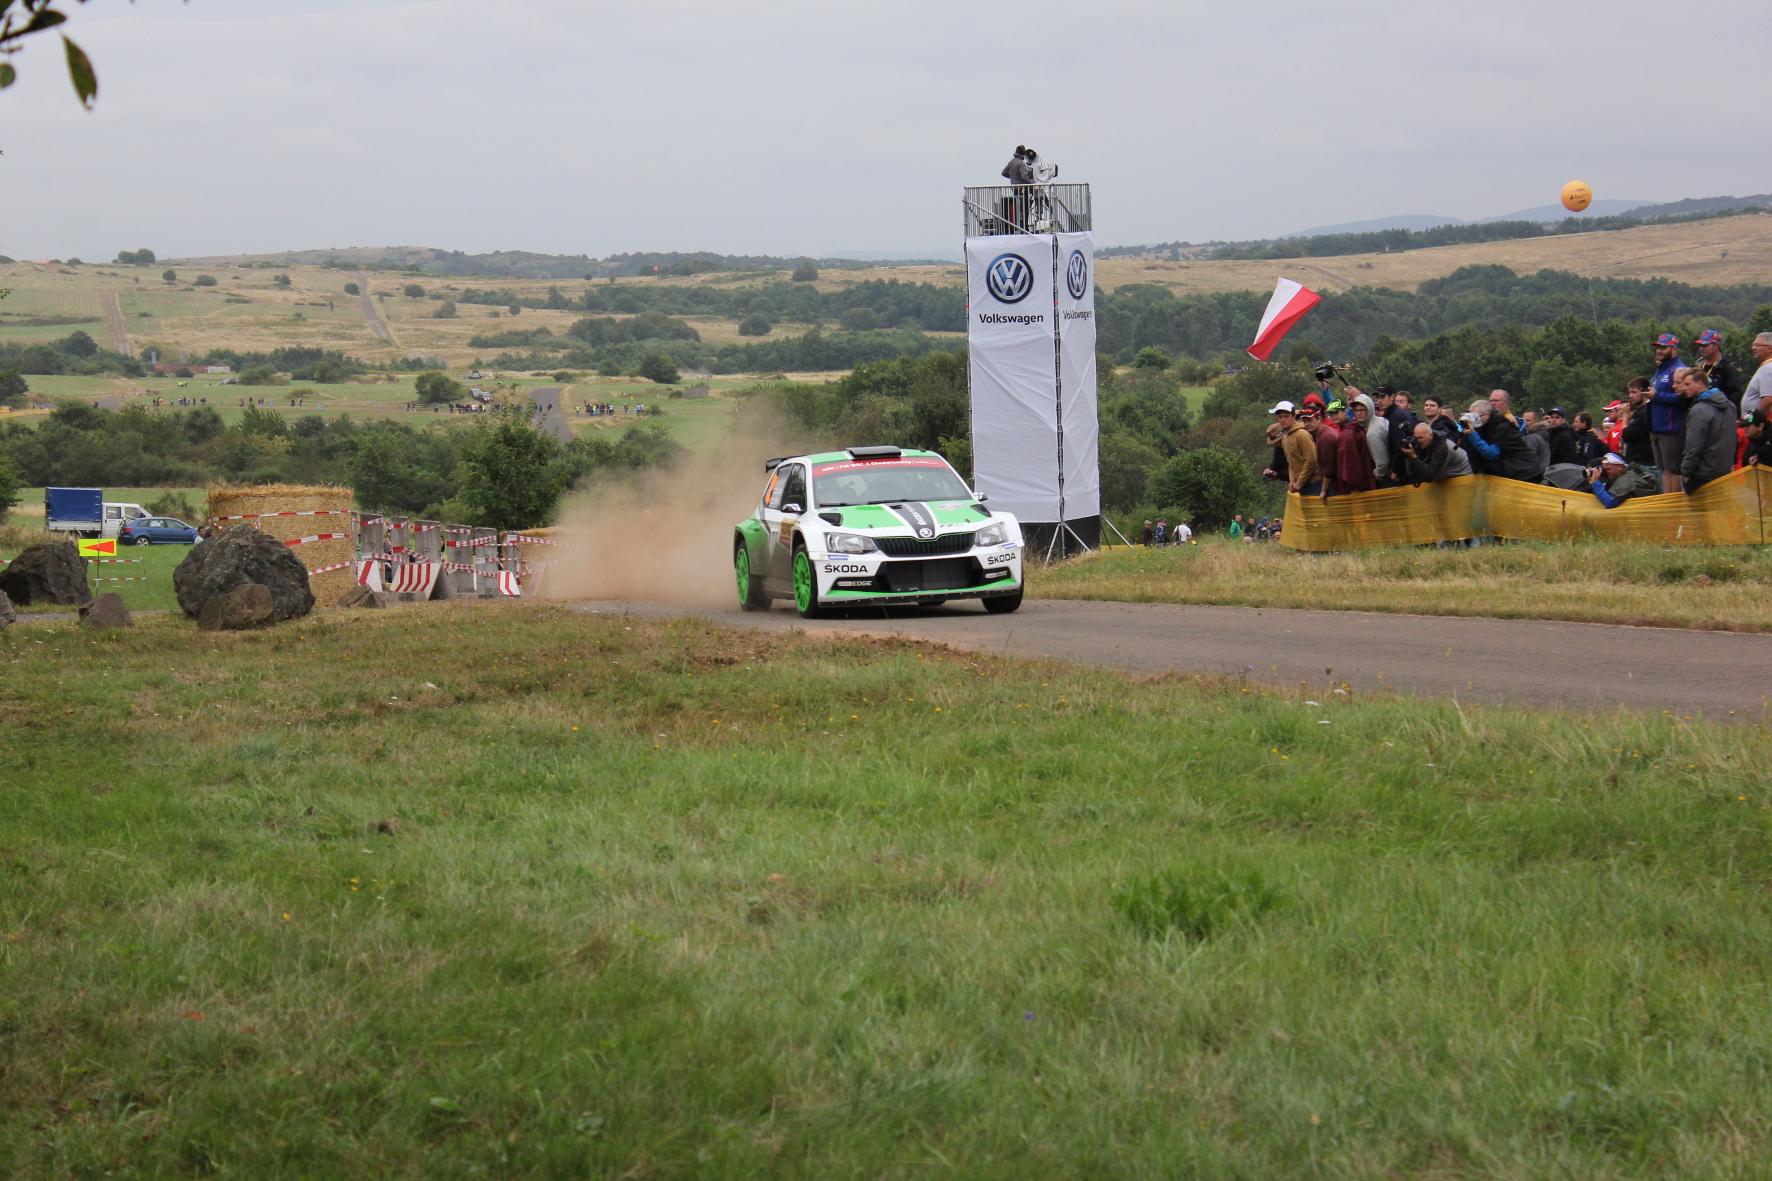 Für das Werksteam läuft es: Esapekka Lappi und Janne Ferm lassen es krachen und gewinnen die WRC2-Klasse der Deutschland Rallye.